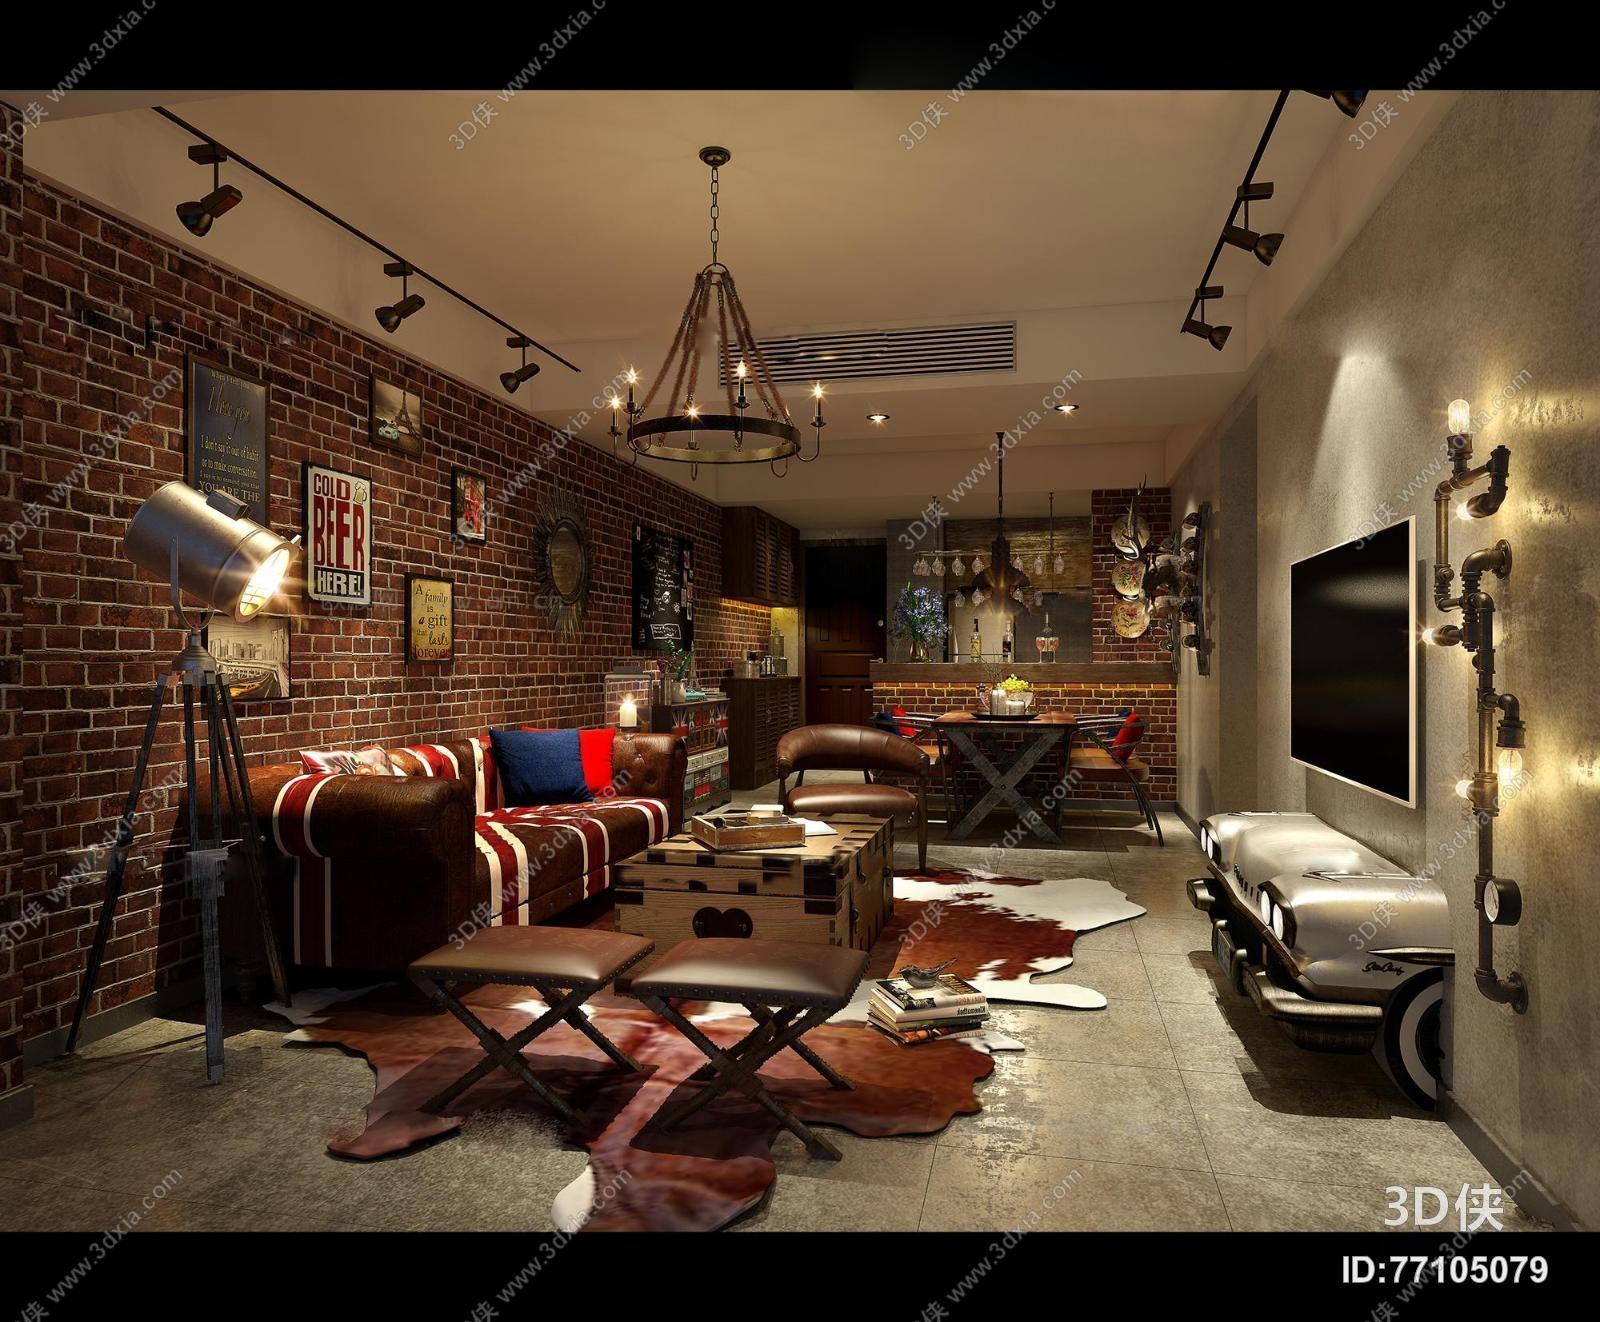 欧式复古工业风客厅餐厅空间3d模型【id:77105079】